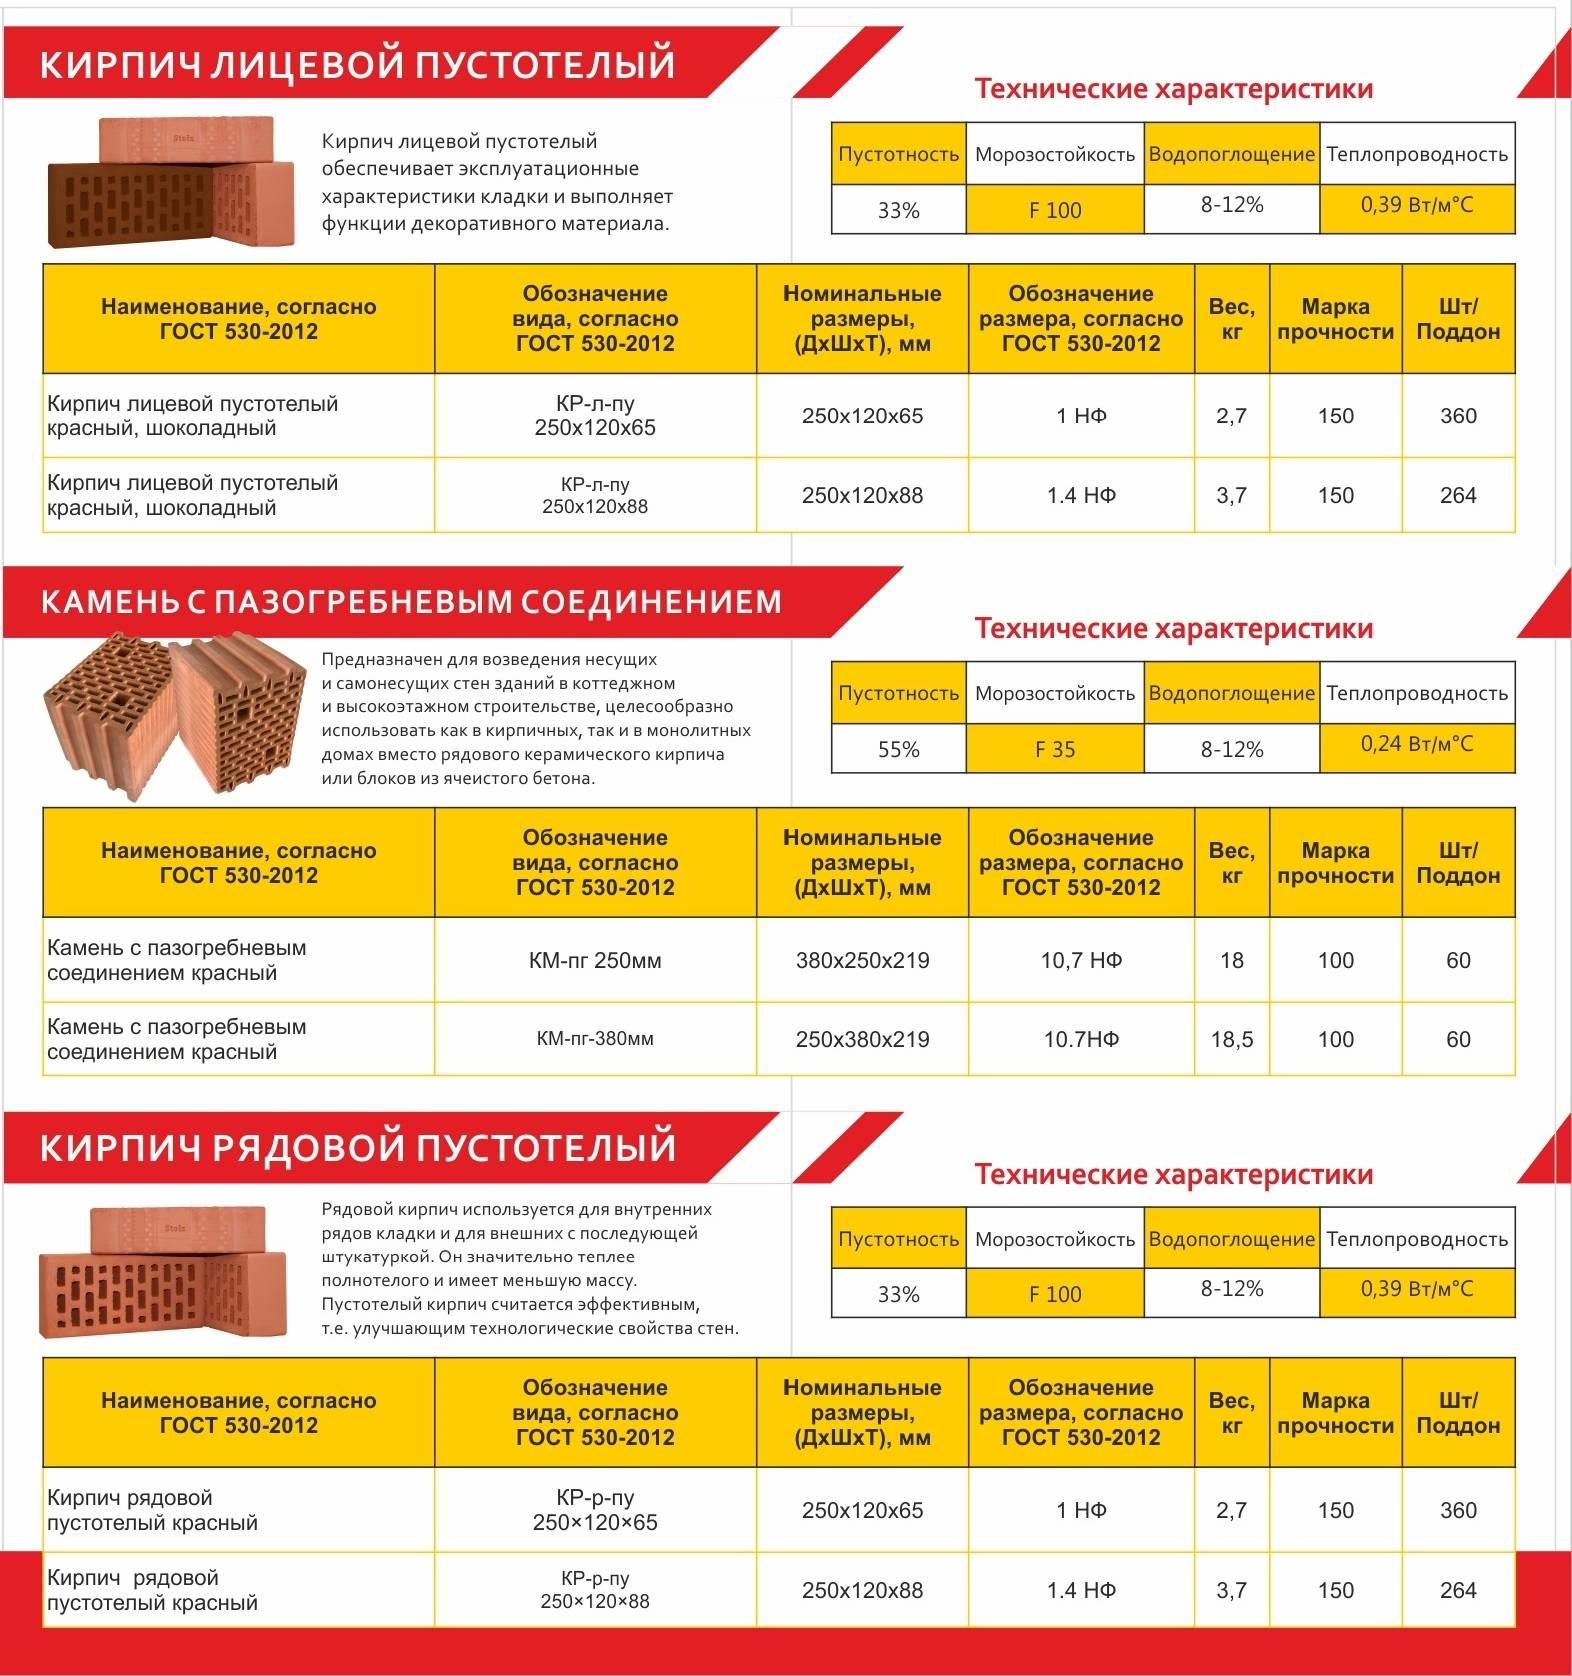 Керамический кирпич - технические характеристики, размеры, виды, сравнения + видео